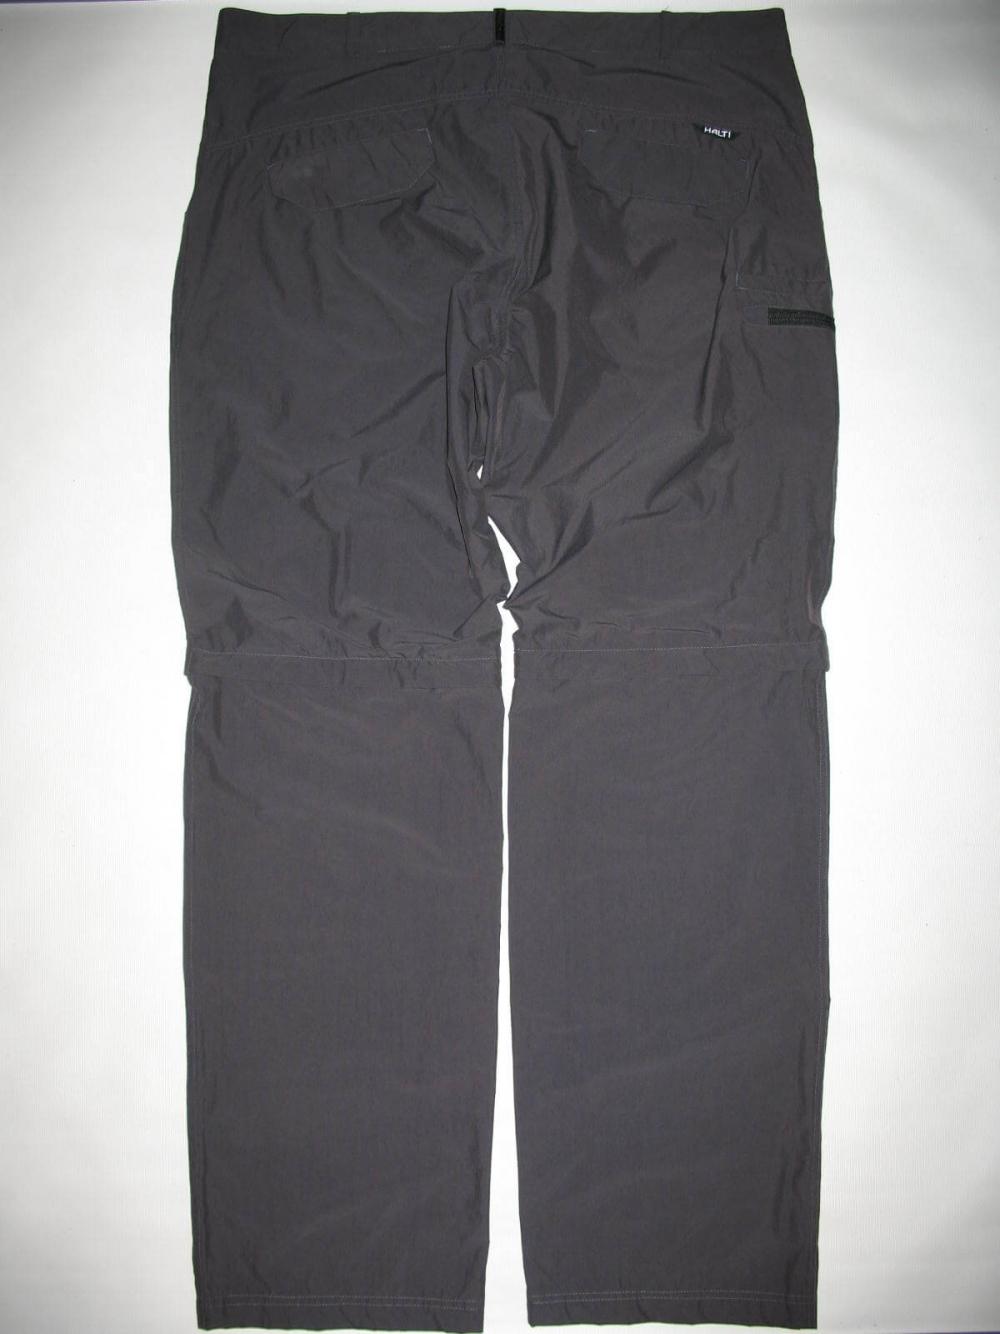 Штаны HALTI 2in1 quick dry pants (размер XXL) - 1